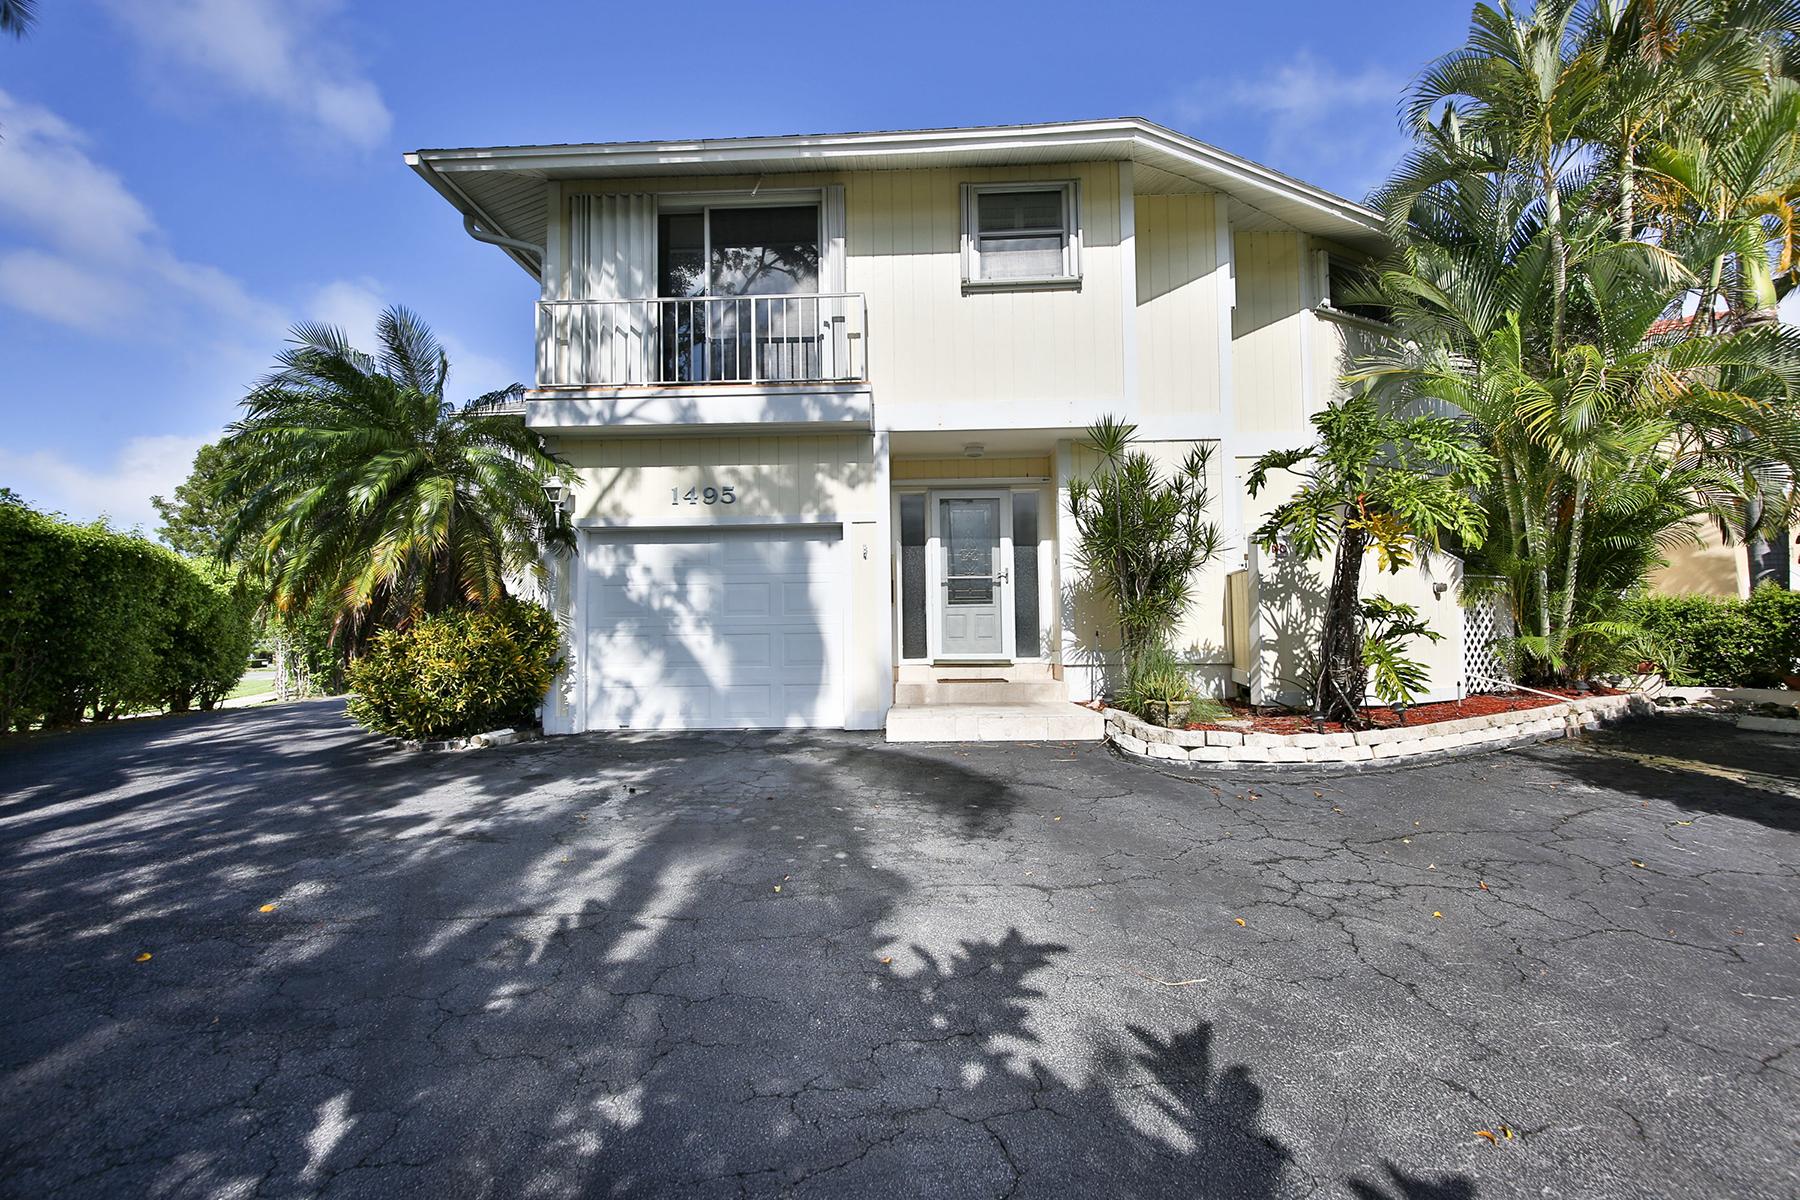 联栋屋 为 销售 在 OYSTER BAY - CLUB AT BLUE POINT 1495 Blue Point Ave C 那不勒斯, 佛罗里达州, 34102 美国